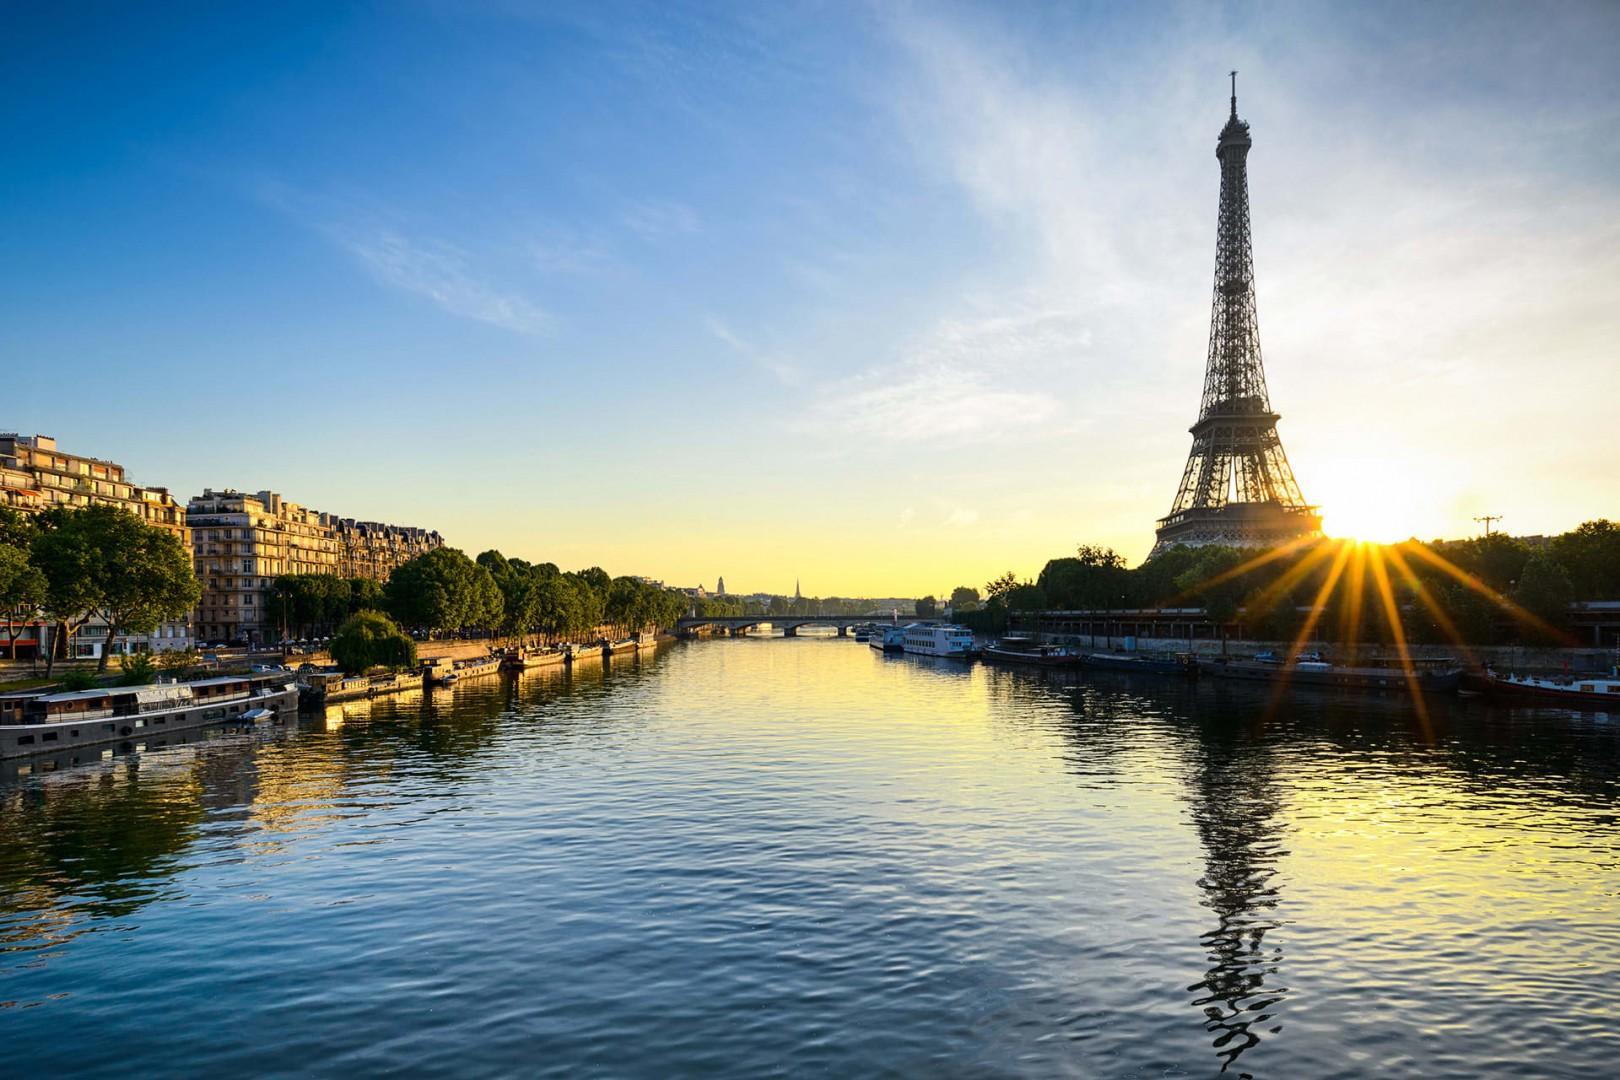 Eiffel Tower Seine River at sunset